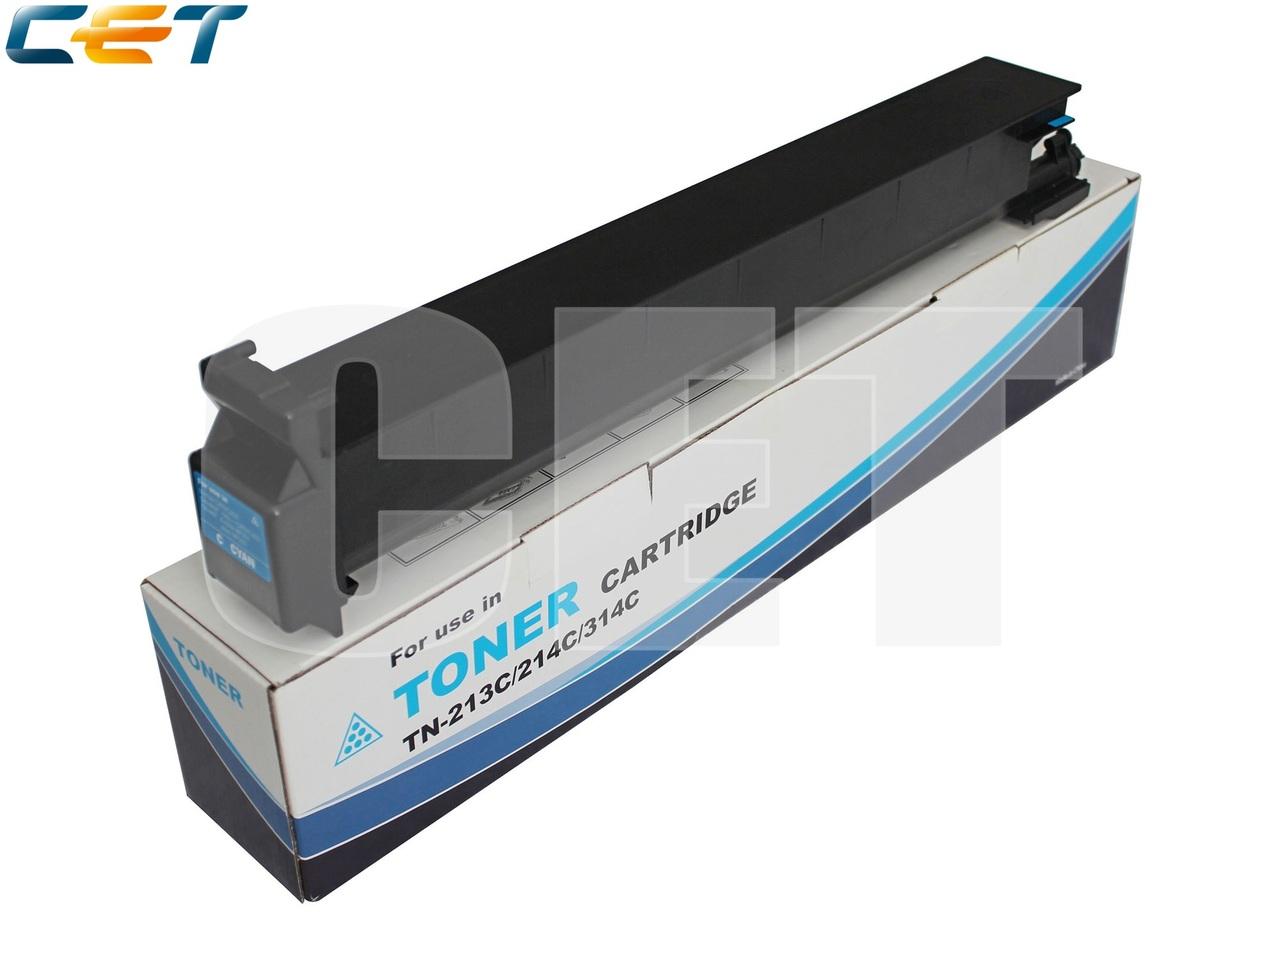 Тонер-картридж TN-213C/214C/314C для KONICA MINOLTABizhub C200/C203/C253/C353 (CET) Cyan, 360г, 20000 стр.,CET6804